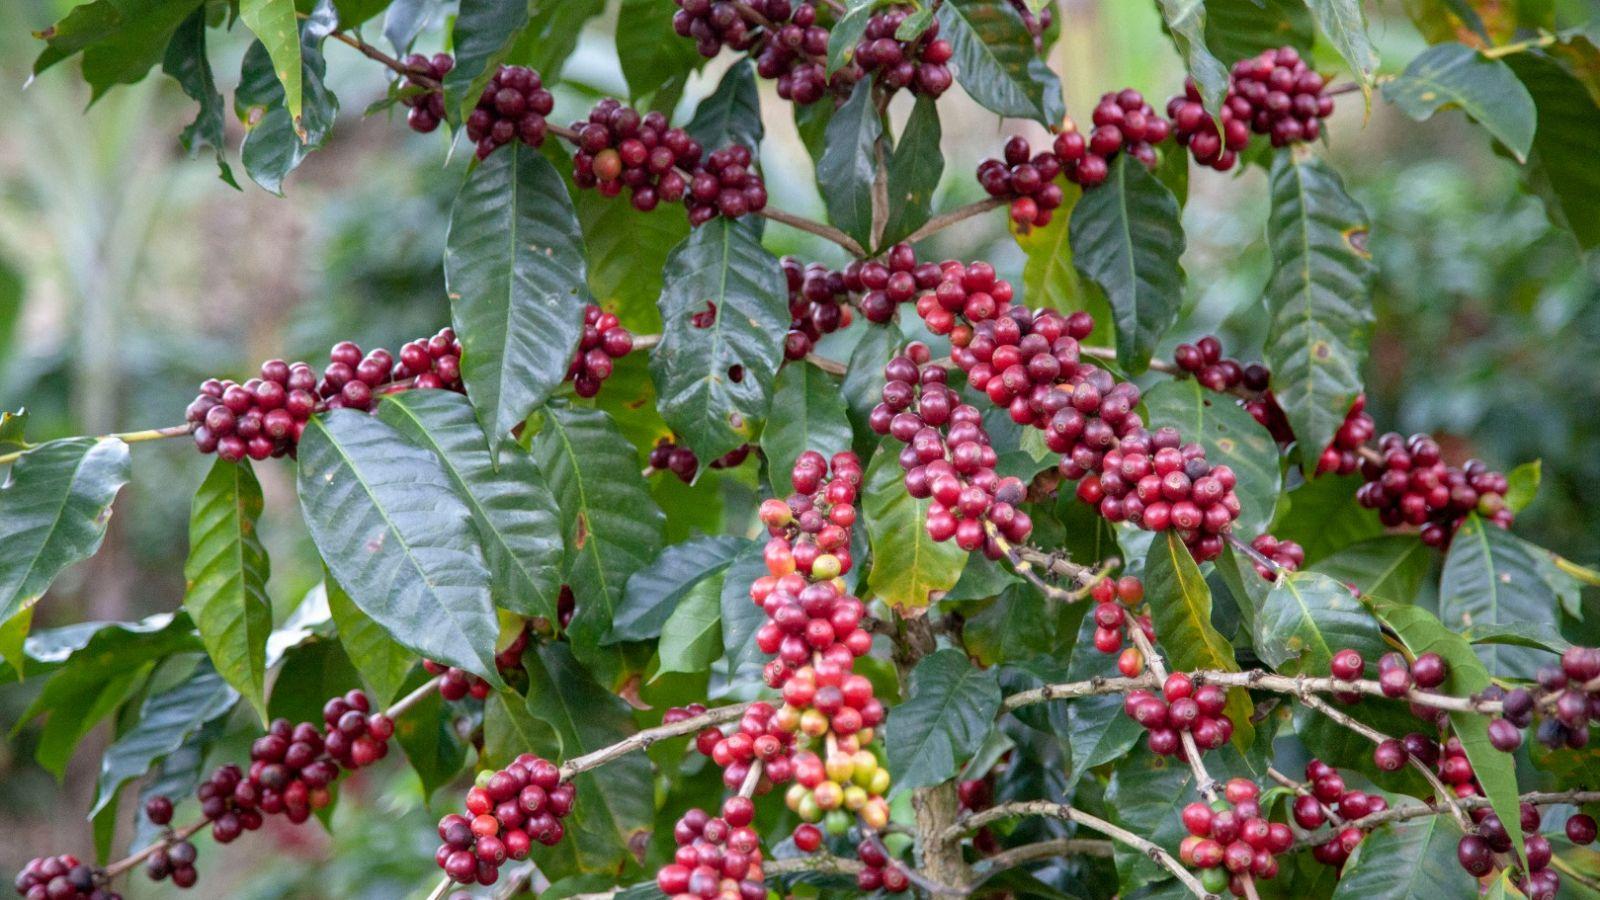 papillons torrefaction lyon - 100% de cafés de spécialité et rien d'autre